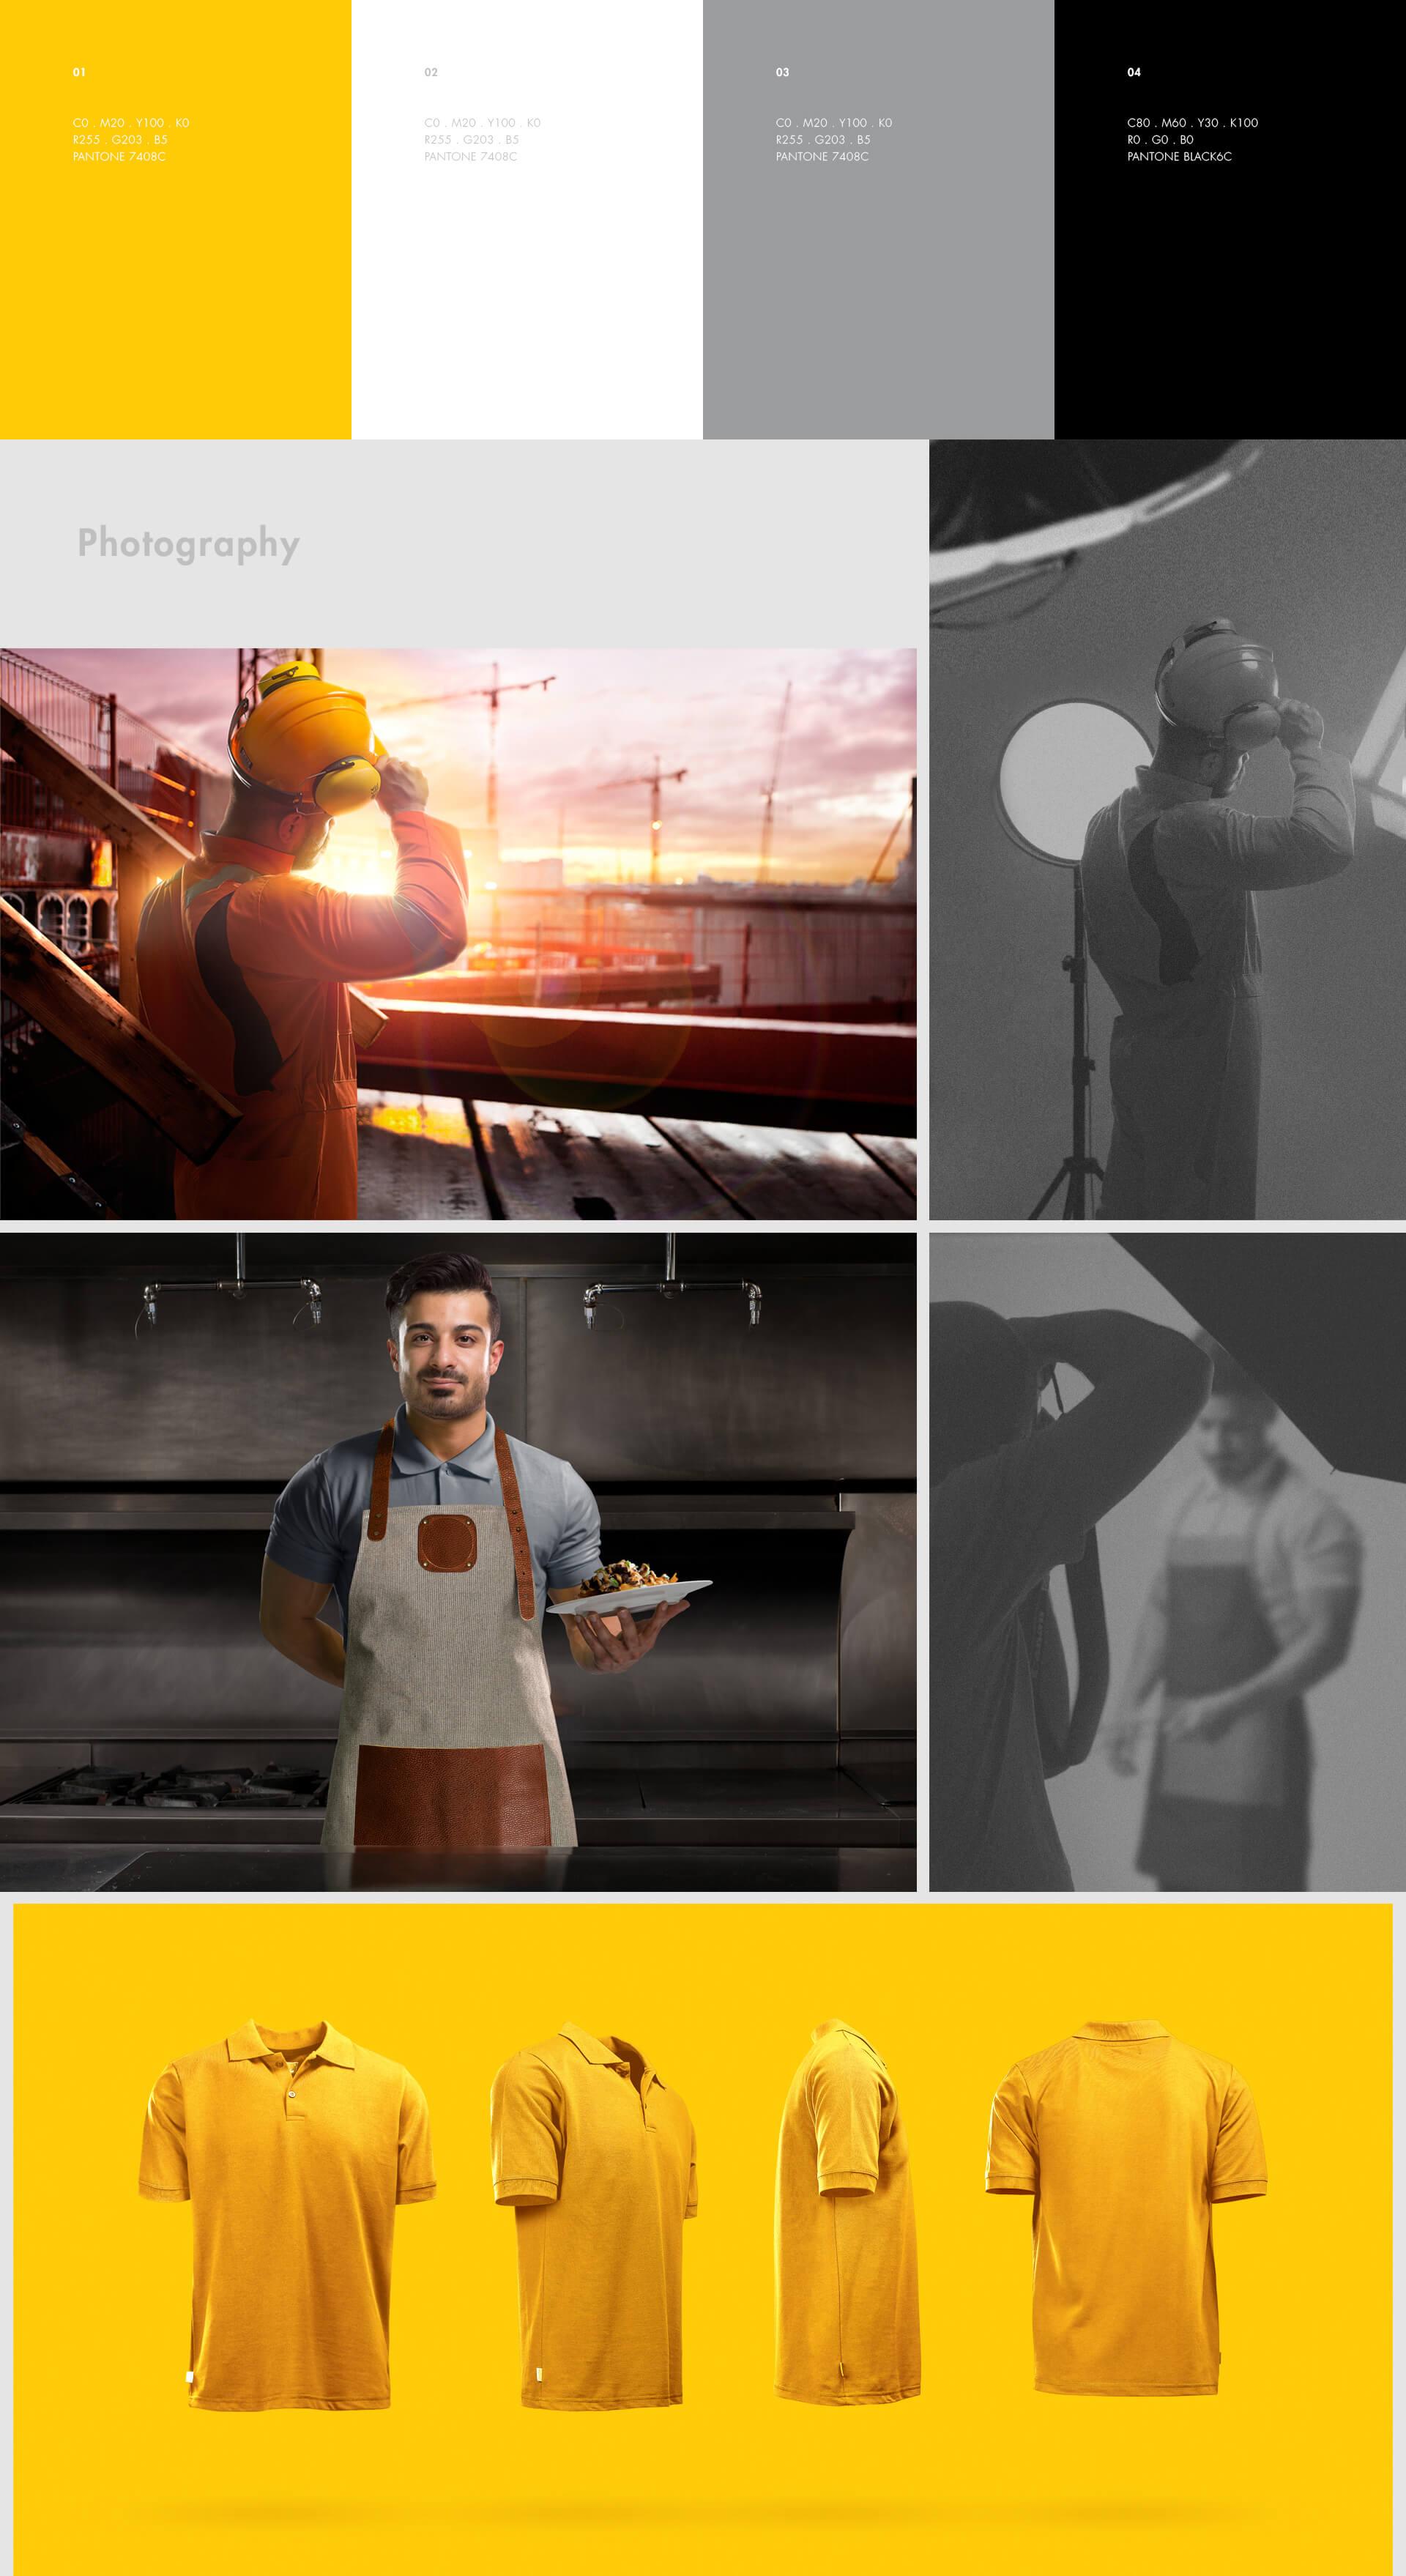 هویت بصری ایران دوکا، رسانه، تبلیغات، آژانس تبلیغاتی، هویت بصری، طراحی هویت بصری، شرکت تبلیغاتی الف، طراحی لوگو، طراحی لوگوتابپ، طراحی ست اداری، طراحی اوراق اداری، کمپین تبلیغاتی، برندینگ